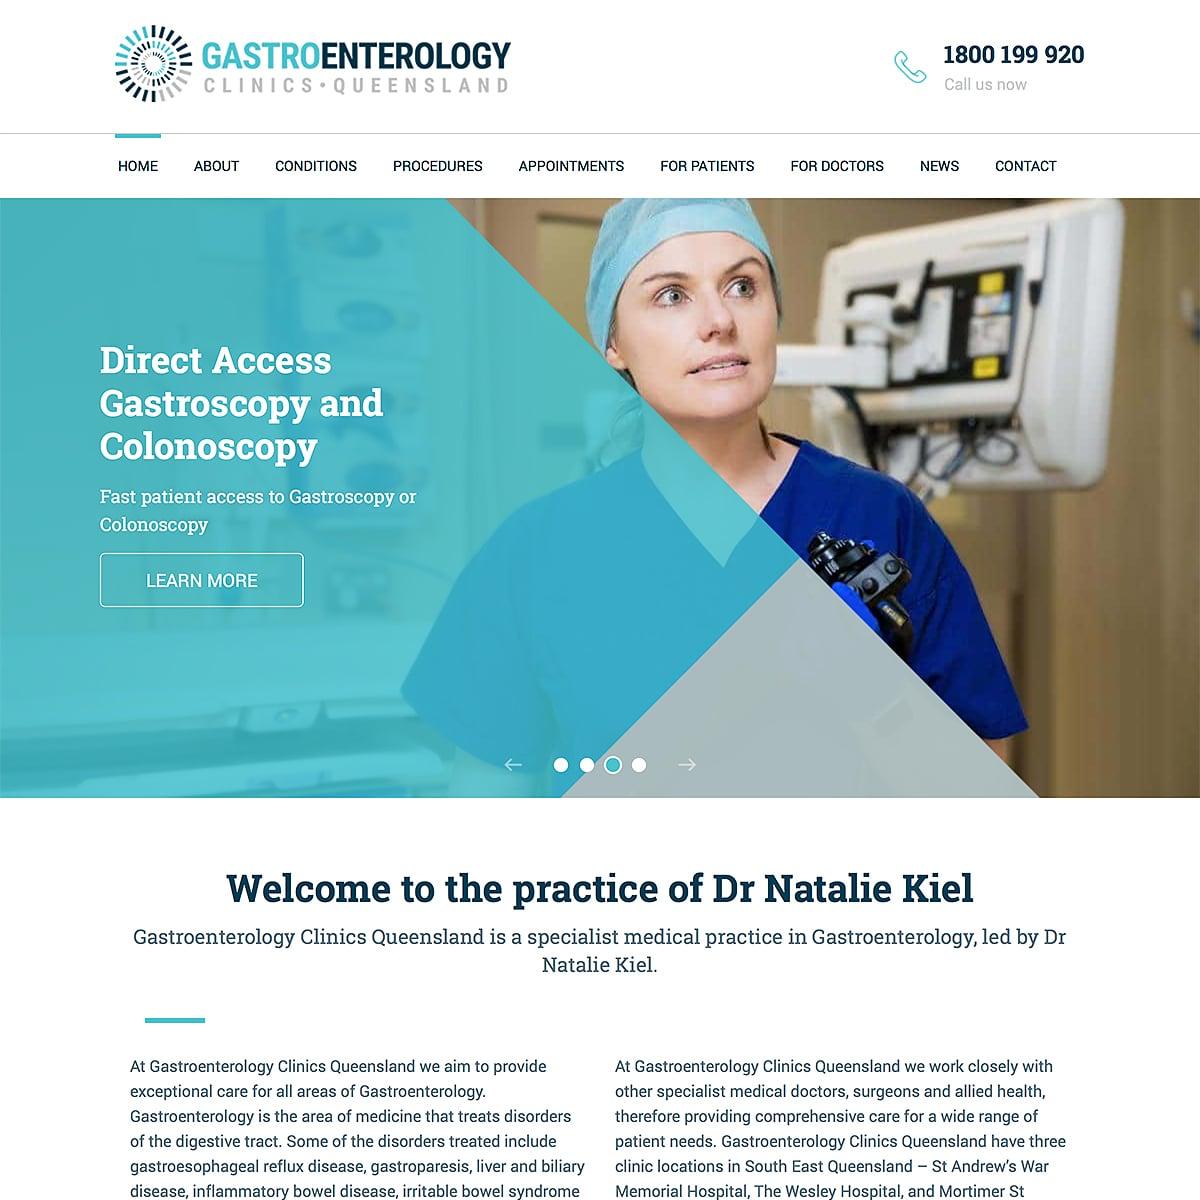 Gastroenterology Clinics Queensland - Home